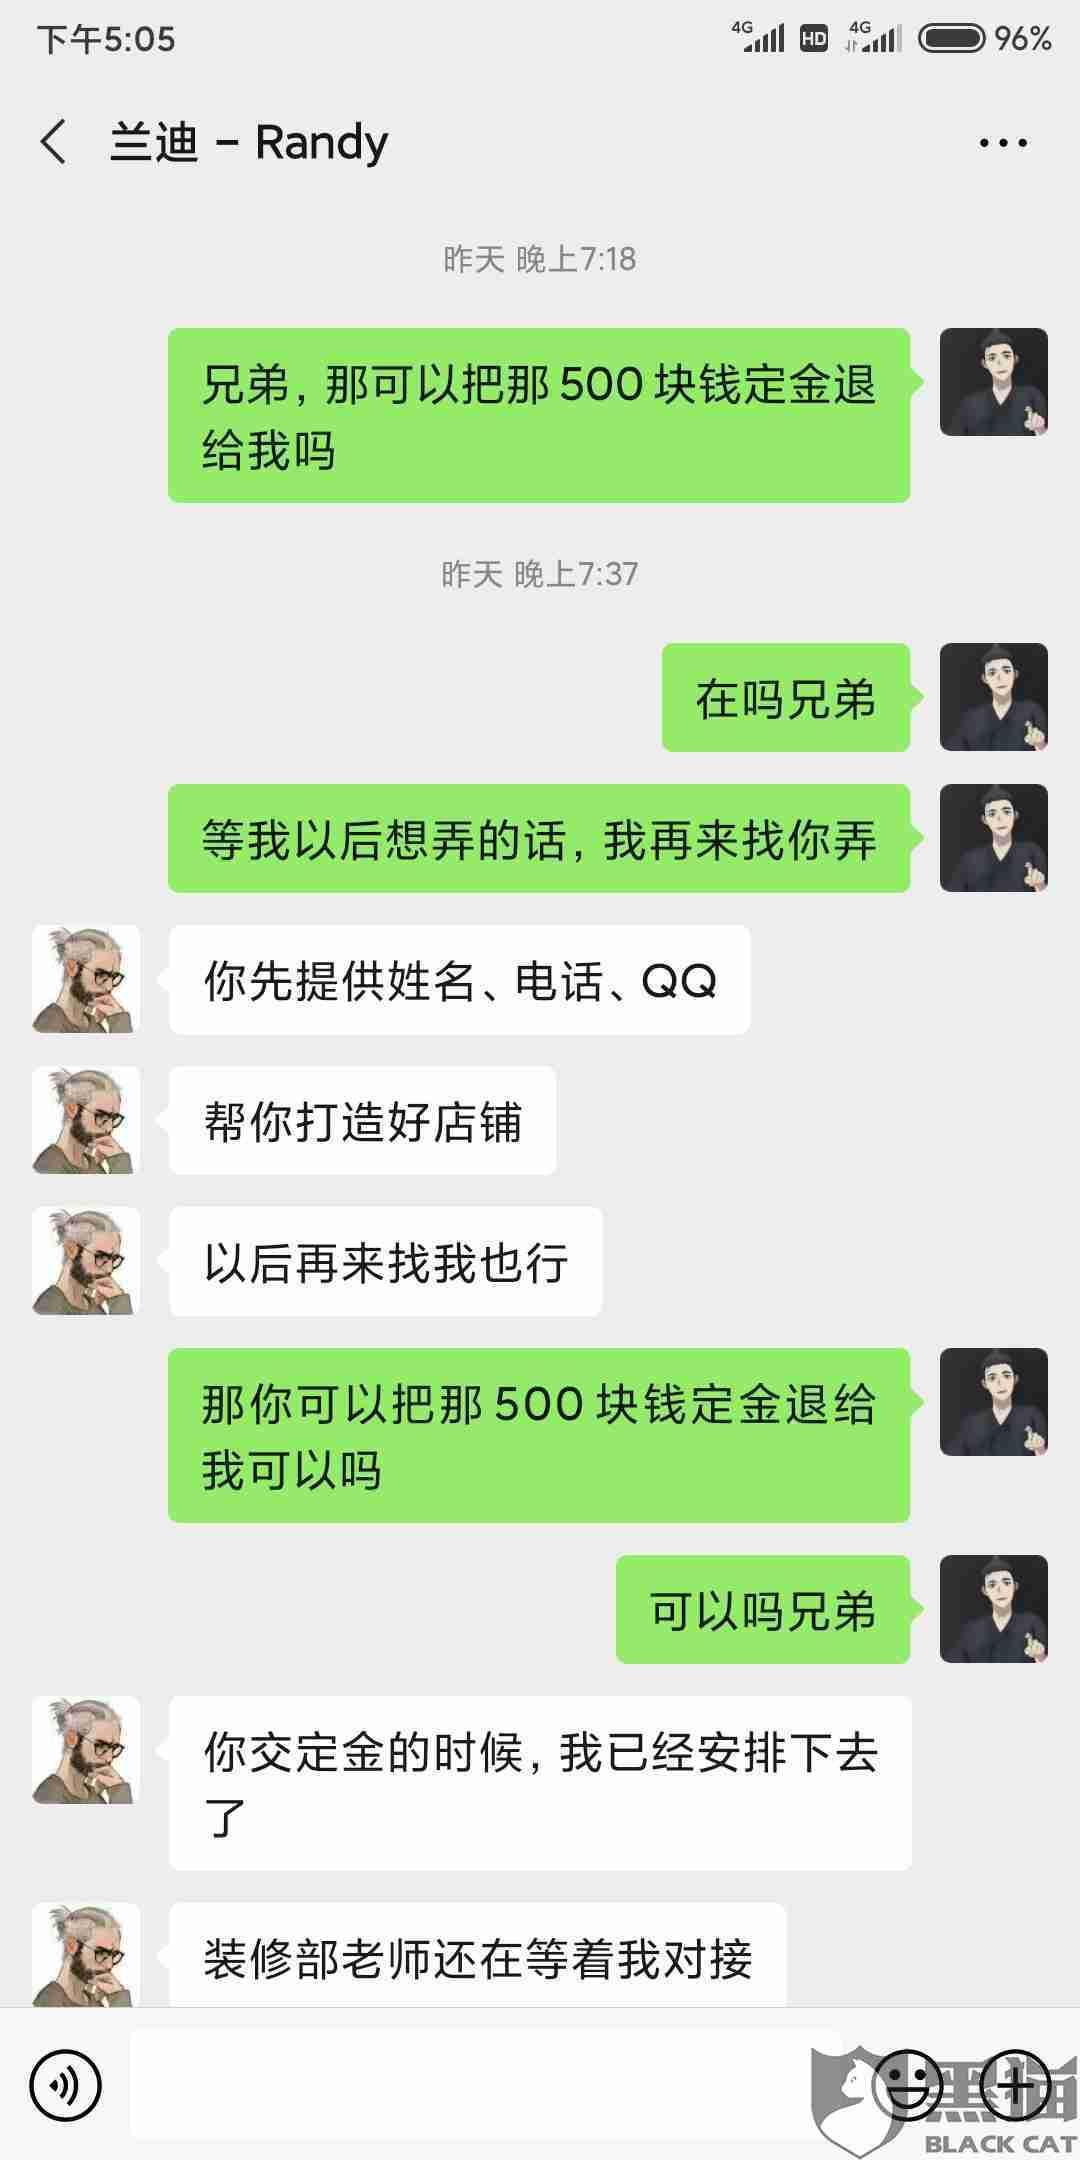 深圳市思航教育培训有限公司不给予退款 